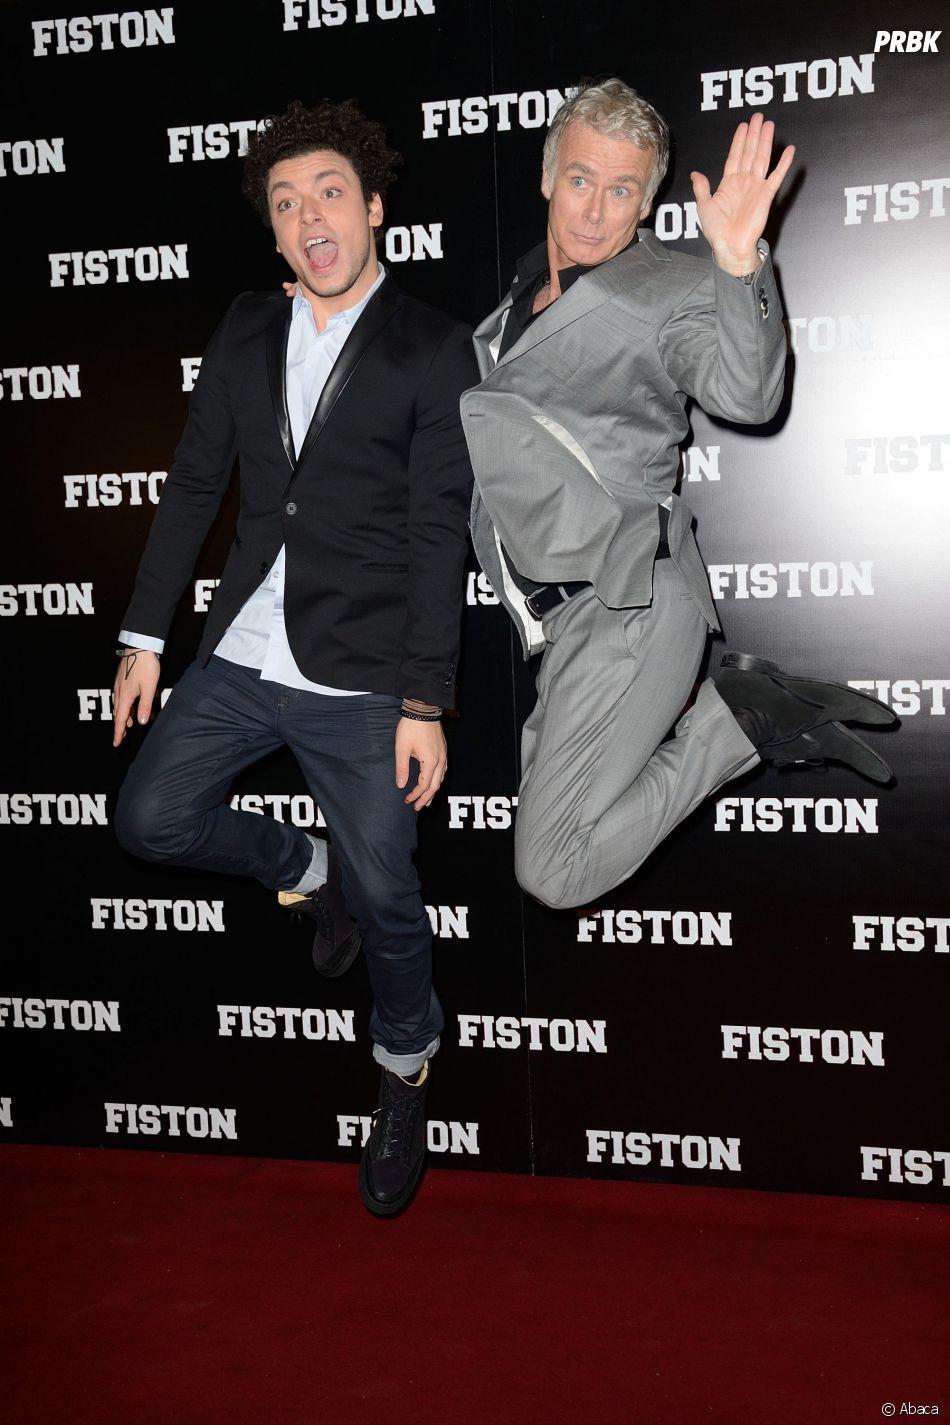 Kev Adams et Franck Dubosc s'éclatent devant les photographes pour l'avant-première du film Fiston à Paris, le 10 février 2014